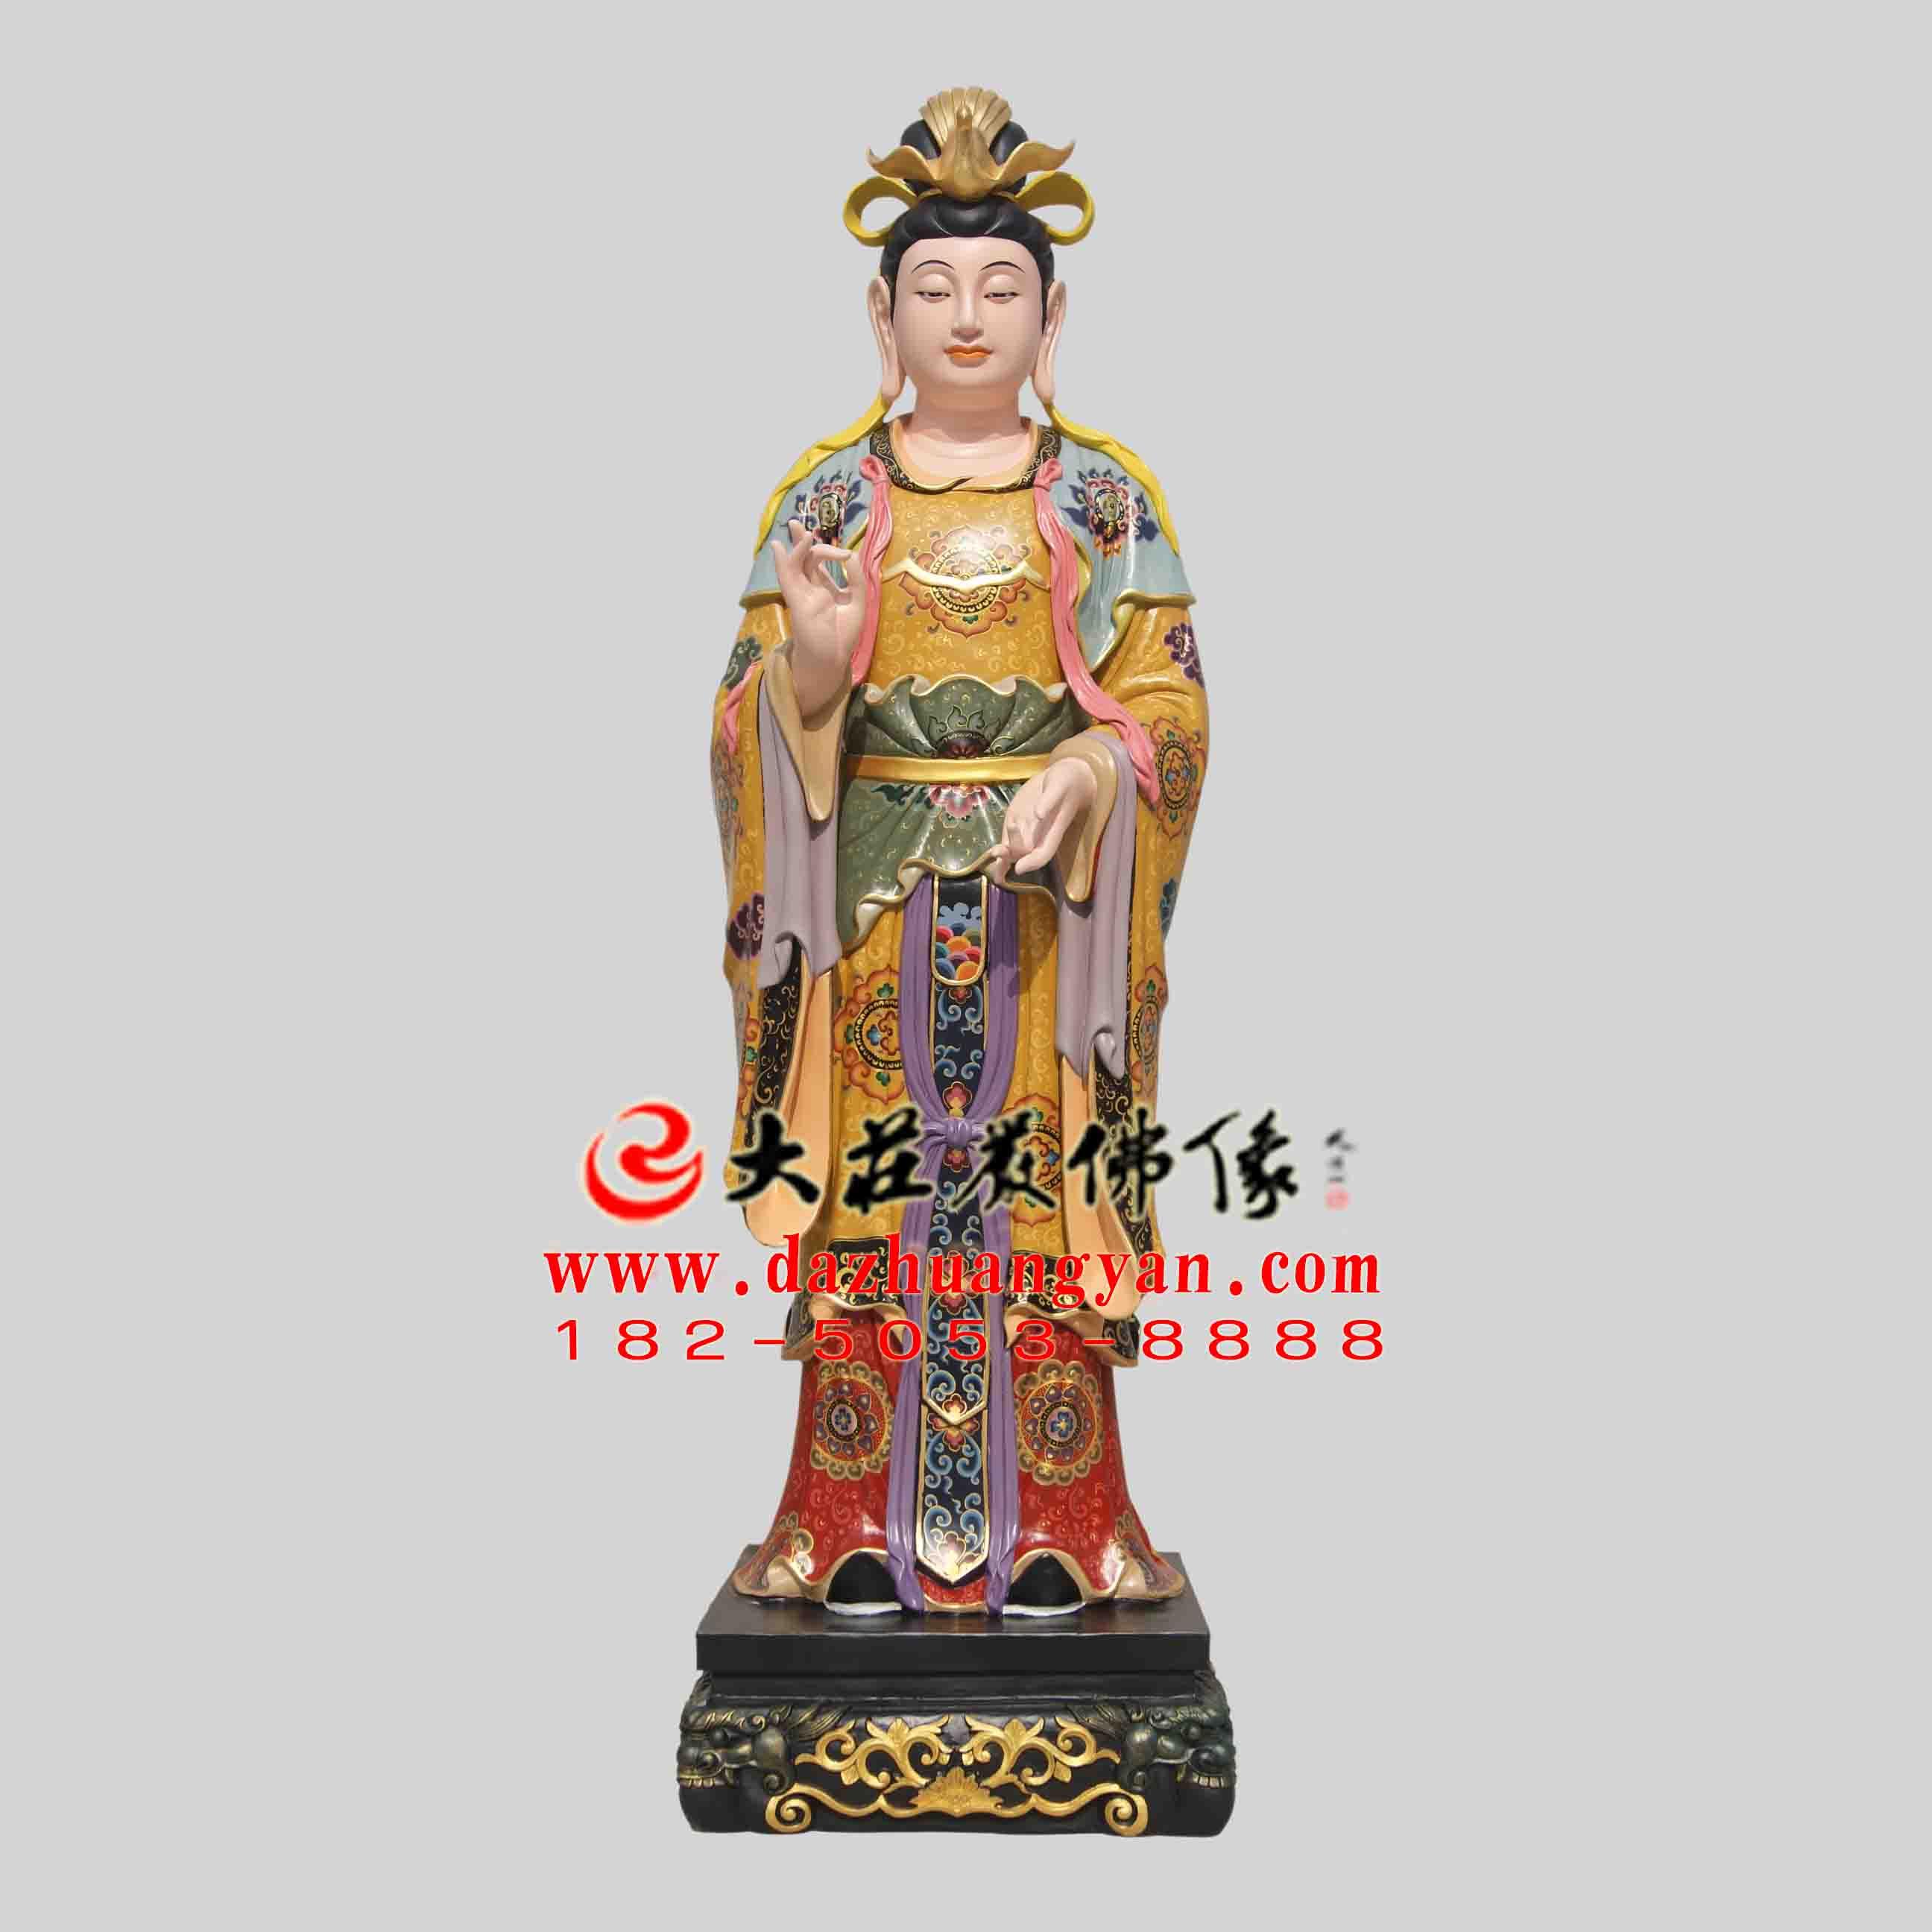 生漆脱胎二十诸天之月宫天子彩绘塑像【2404】